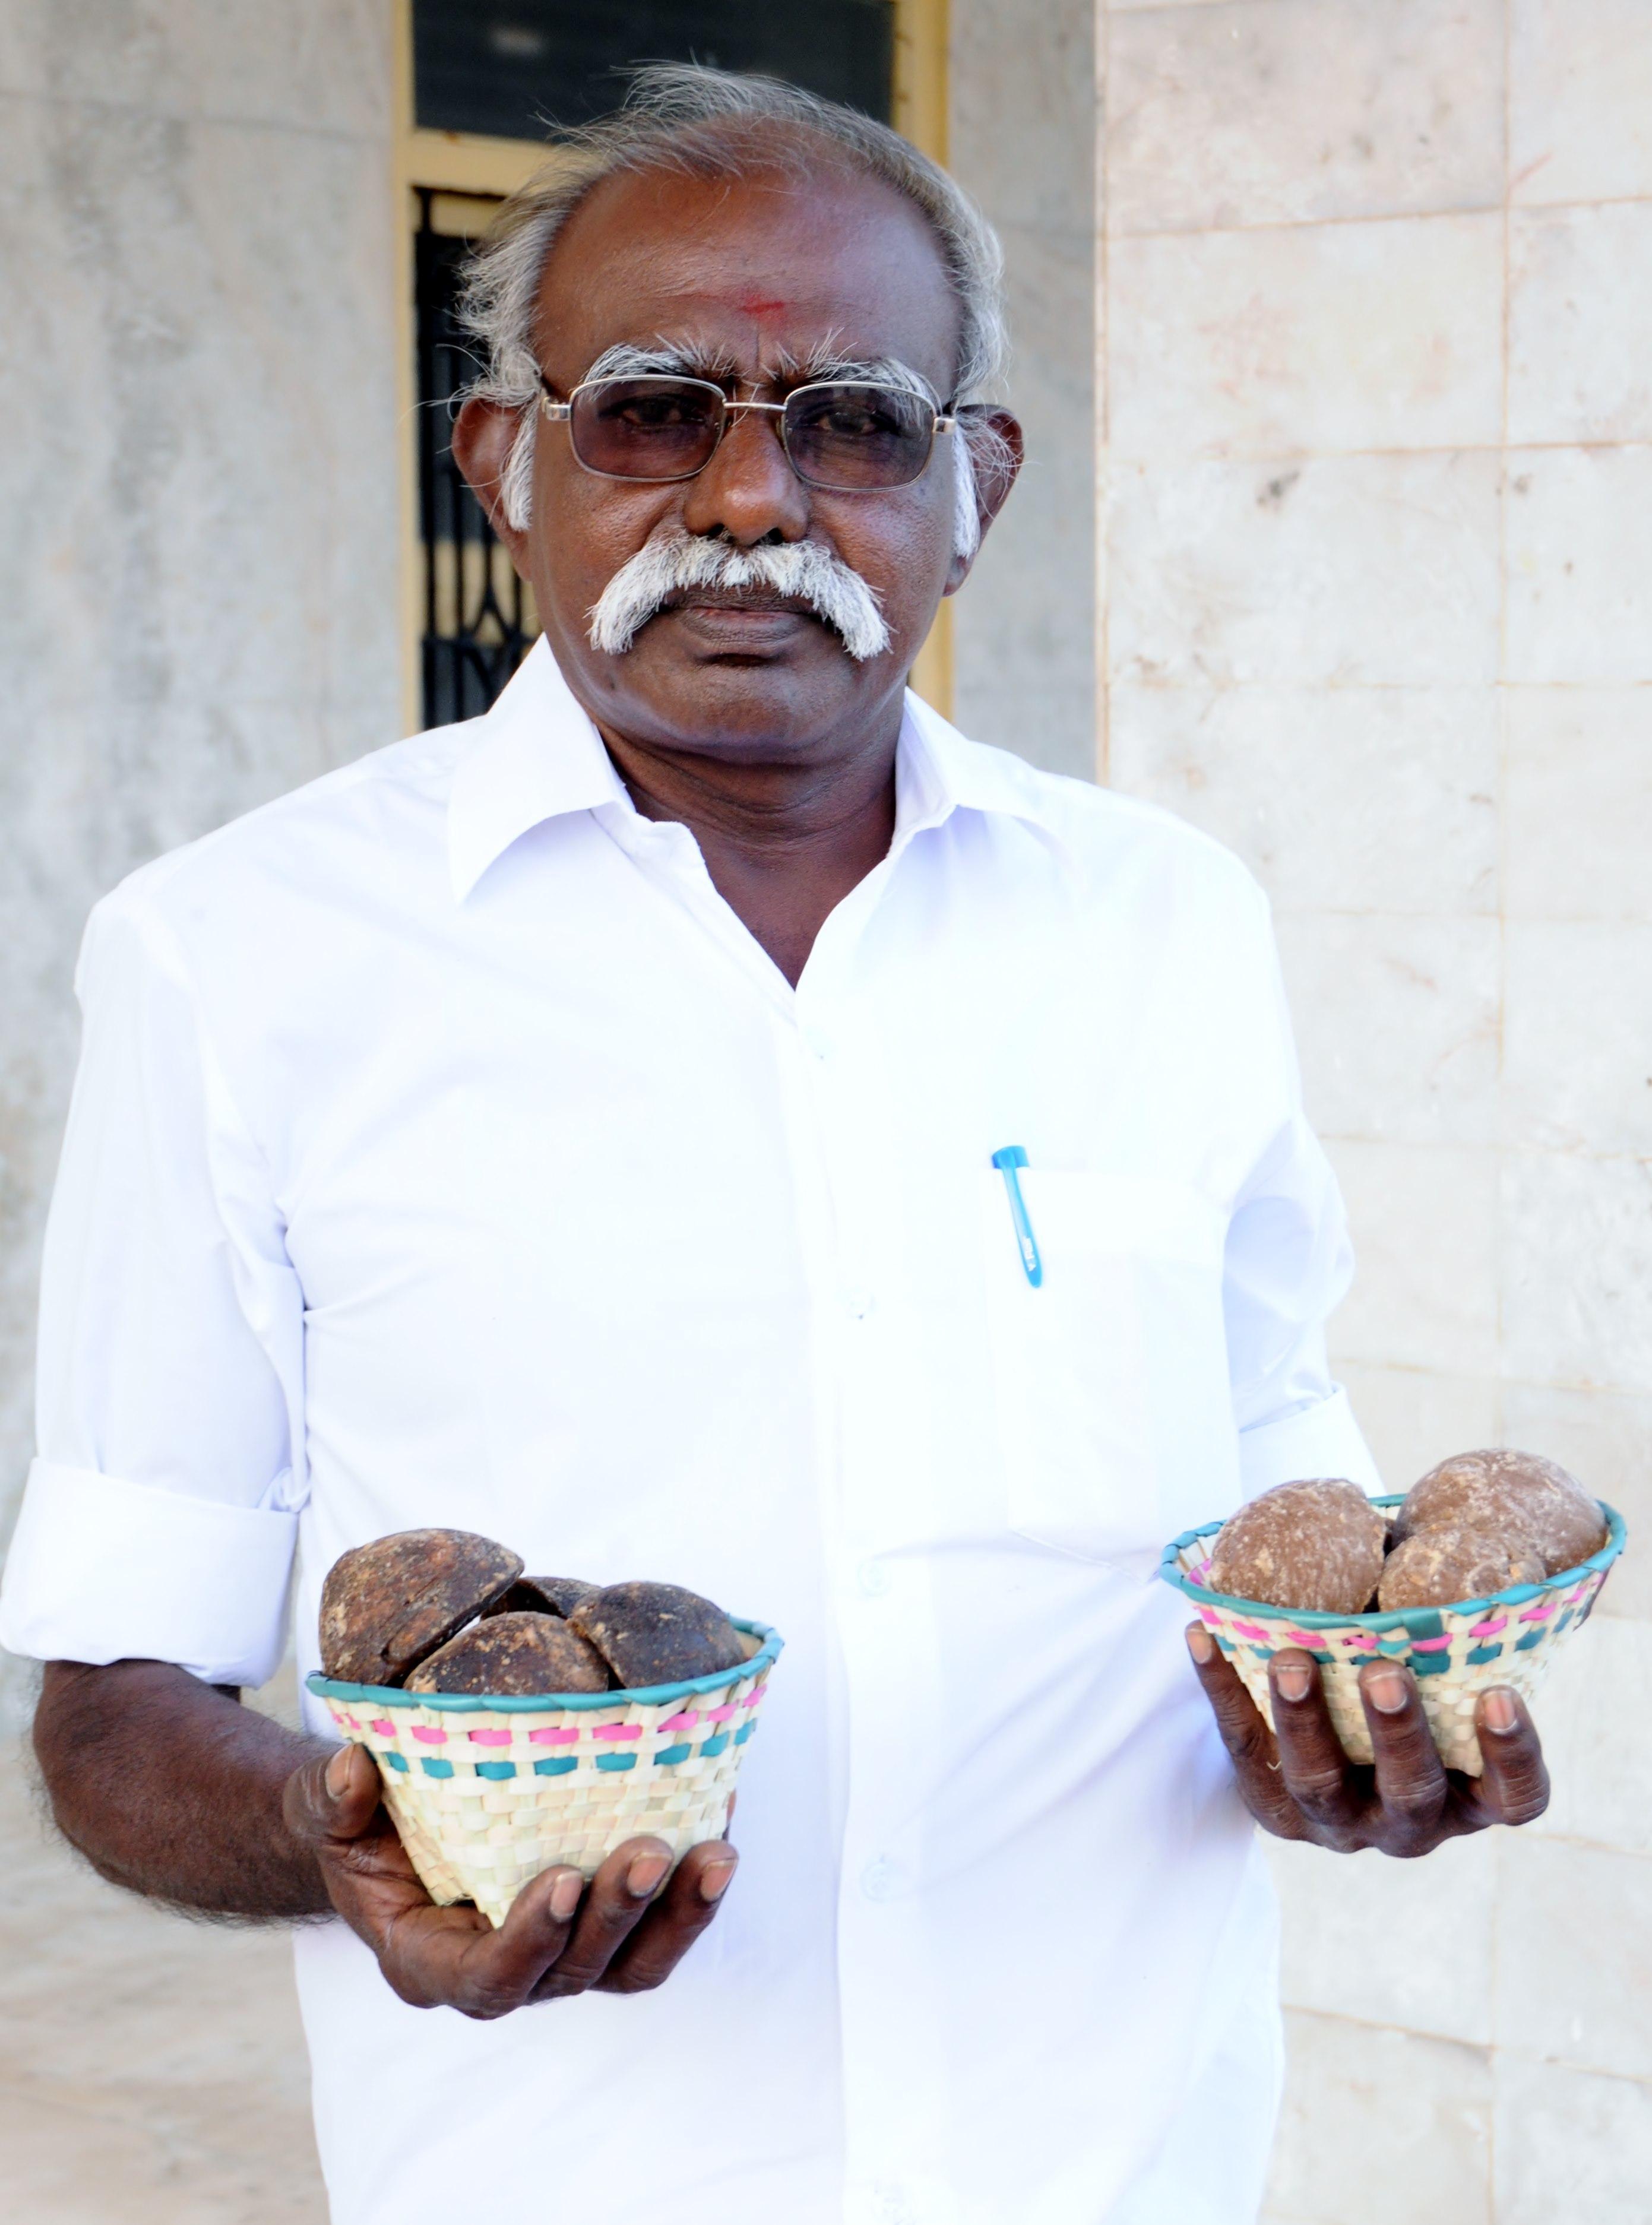 மகாராஜா வலது கையில் ஒரிஜினல் கருப்பட்டி, இடது கையில் போலி கருப்பட்டி